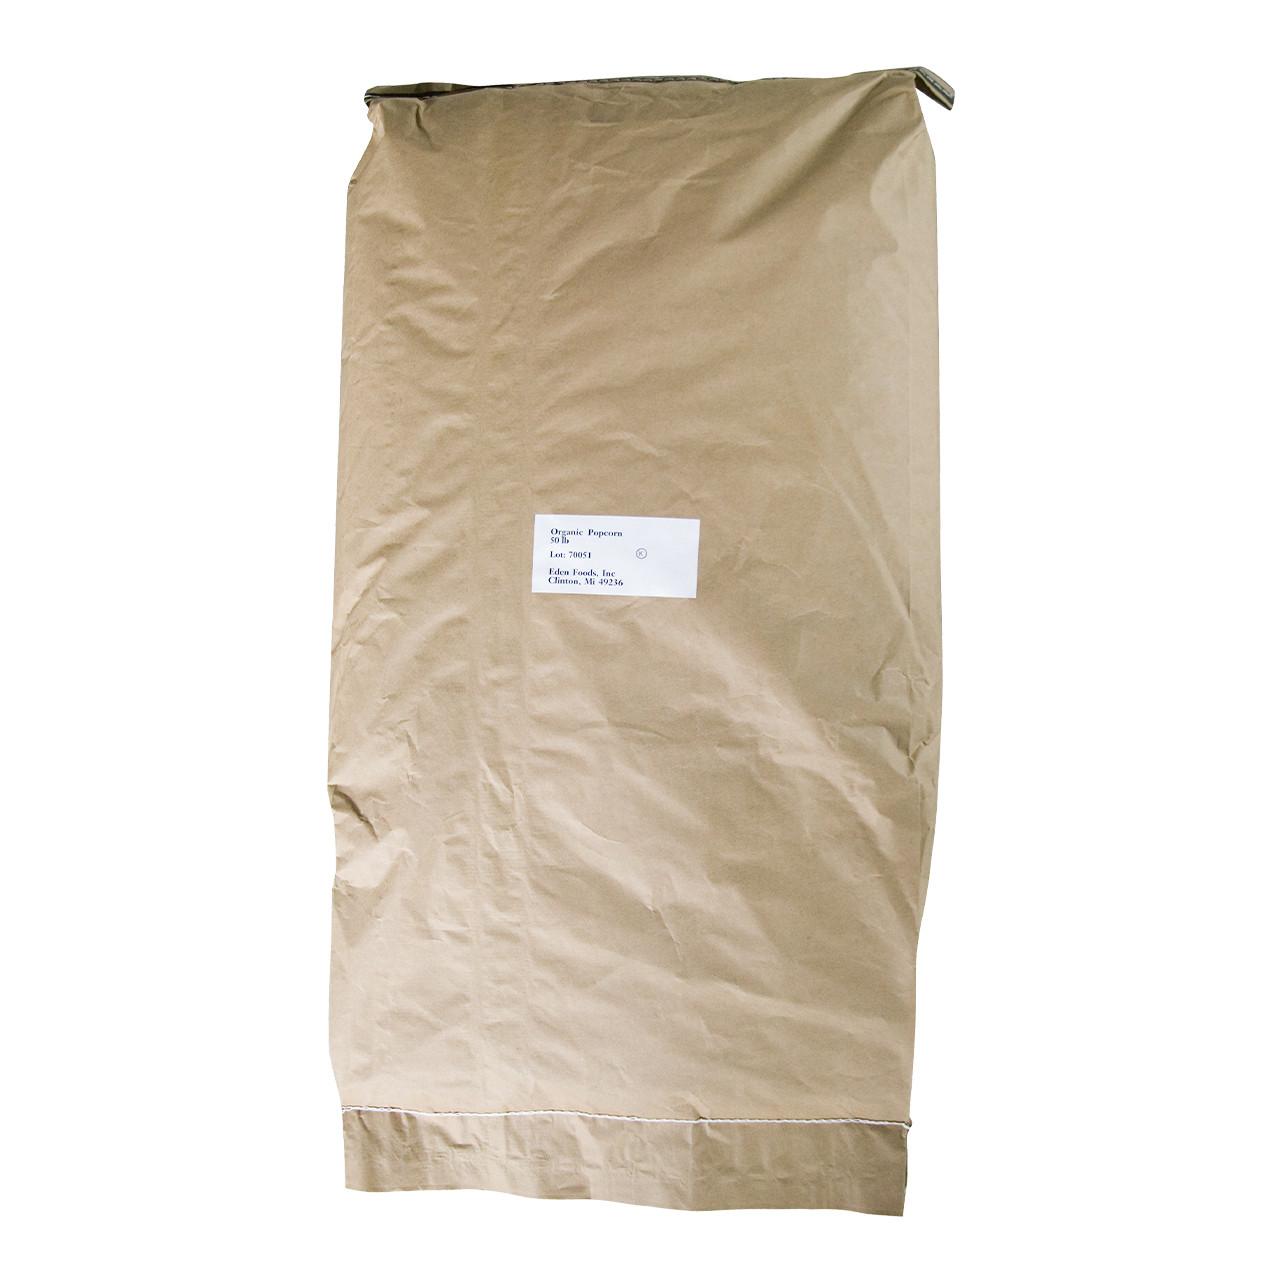 Popcorn, Organic - 50 lb